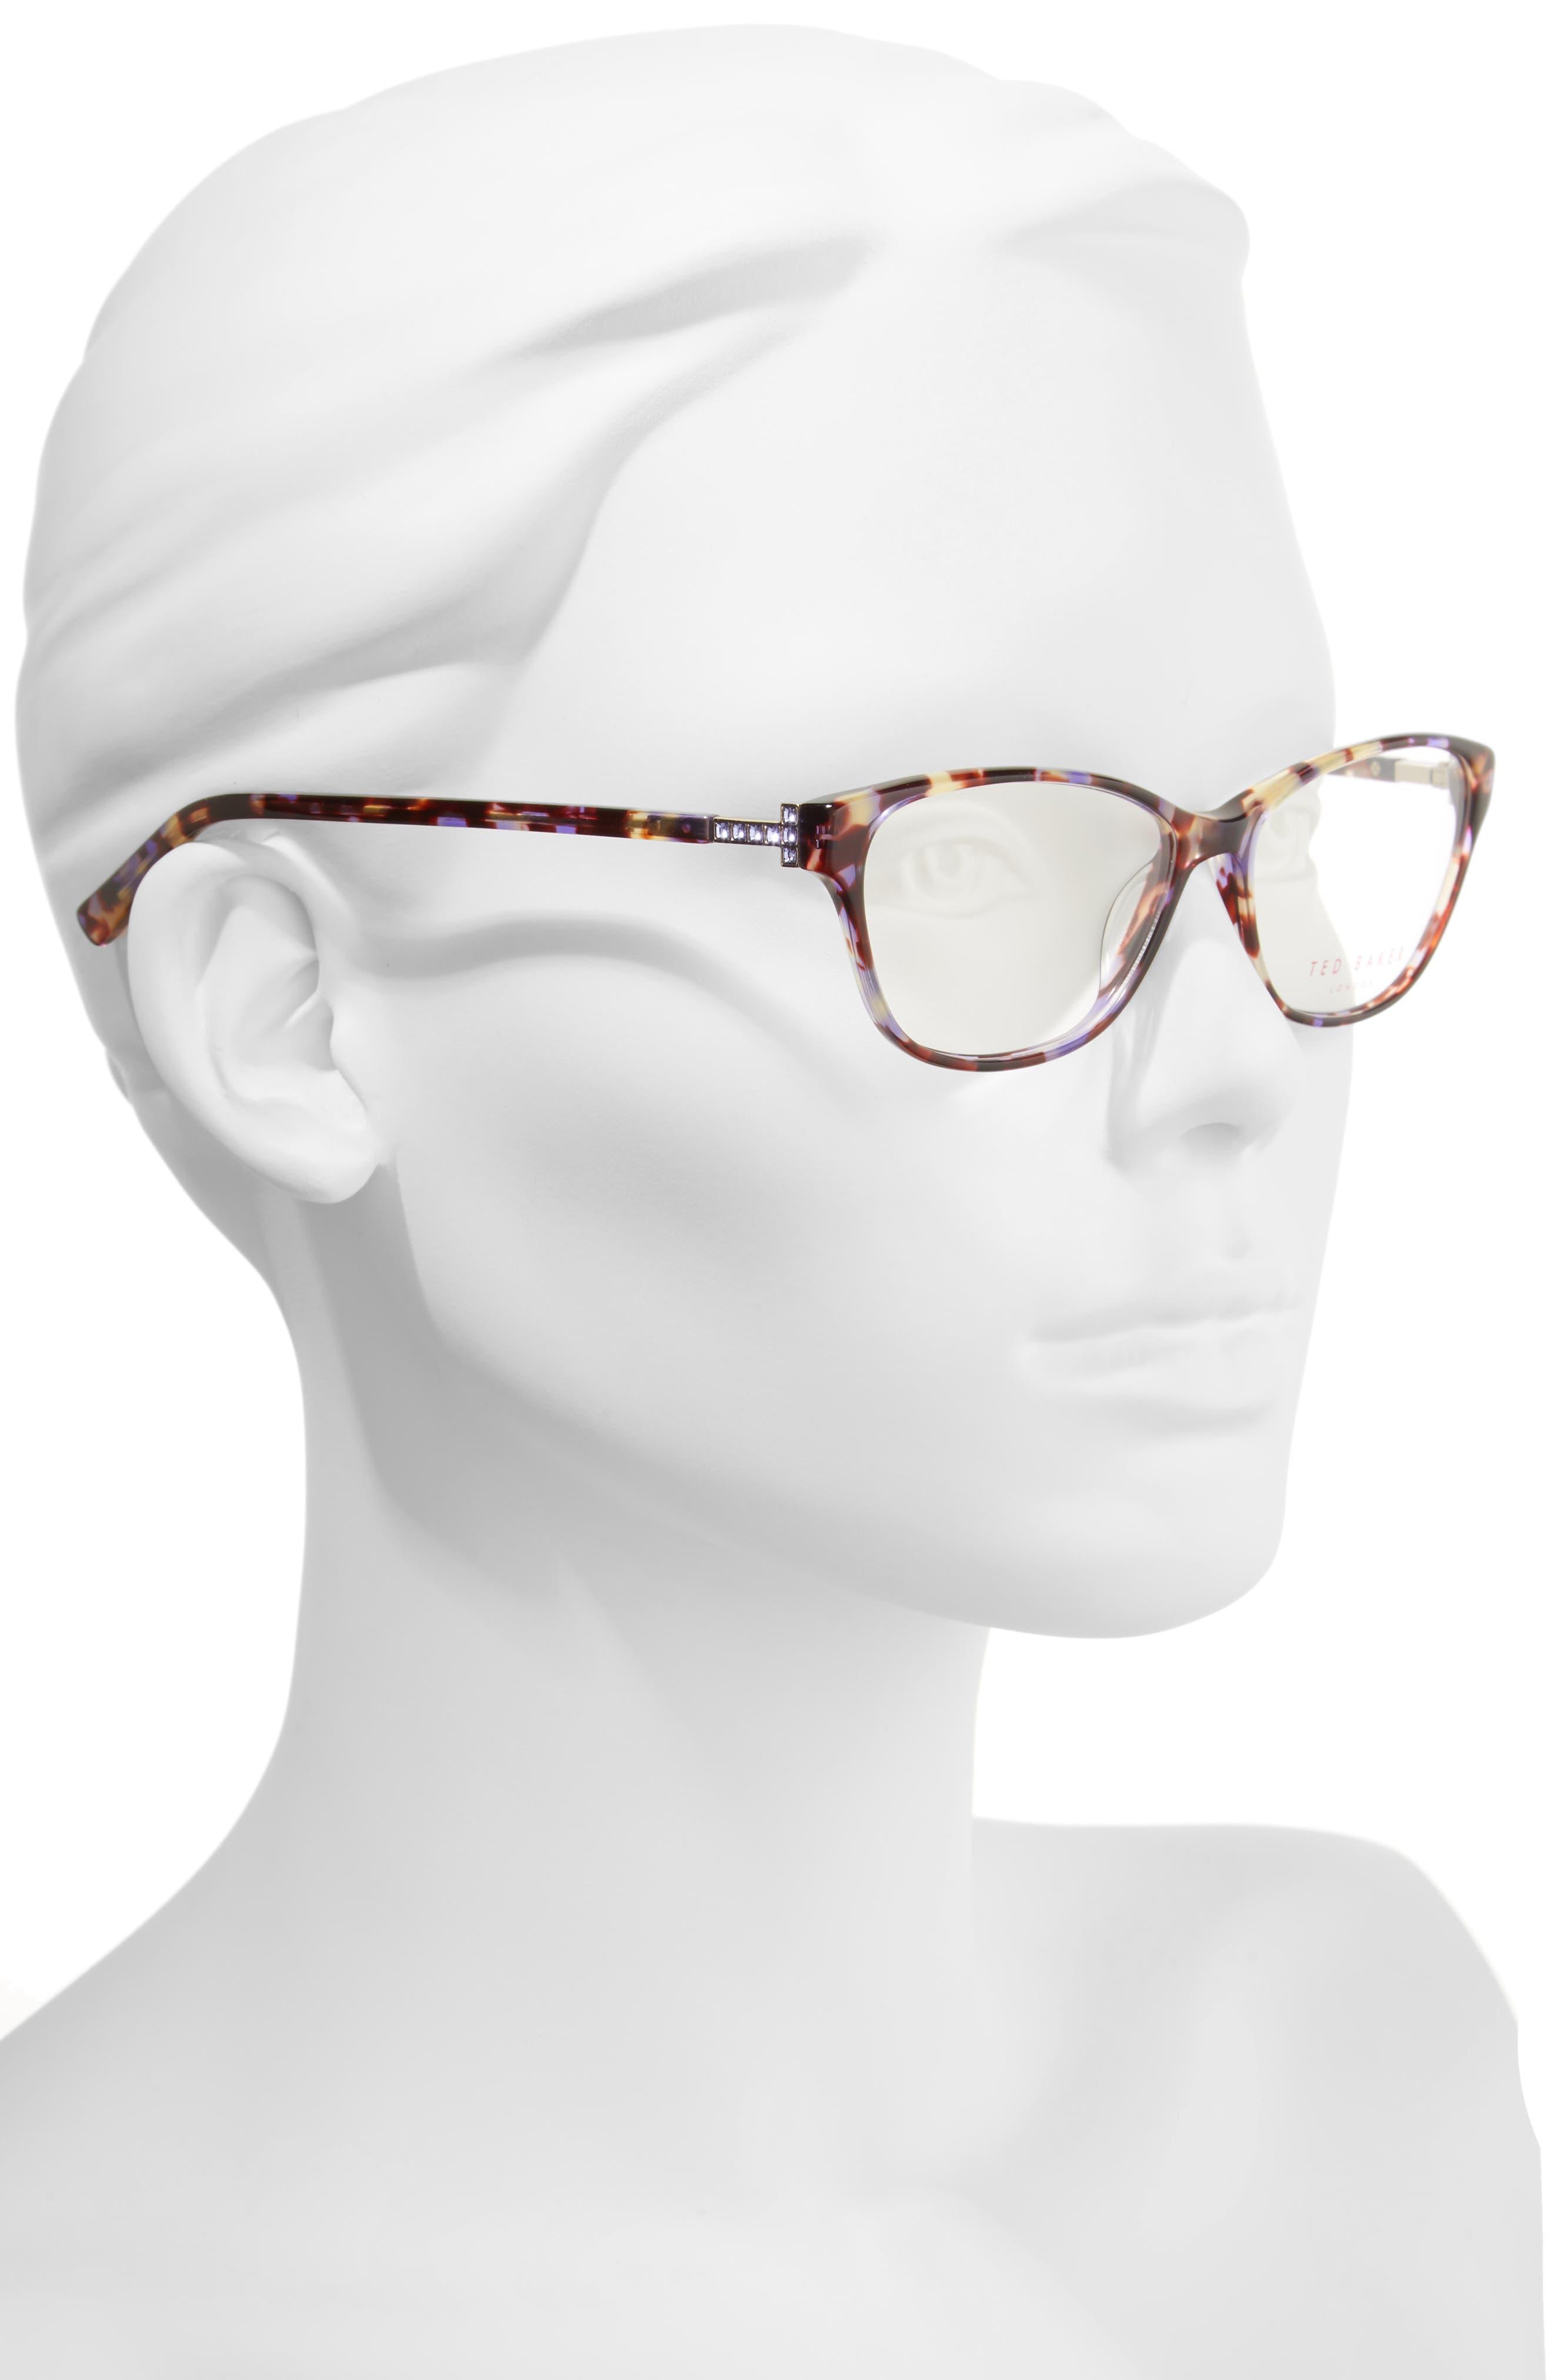 53mm Optical Cat Eye Glasses,                             Alternate thumbnail 4, color,